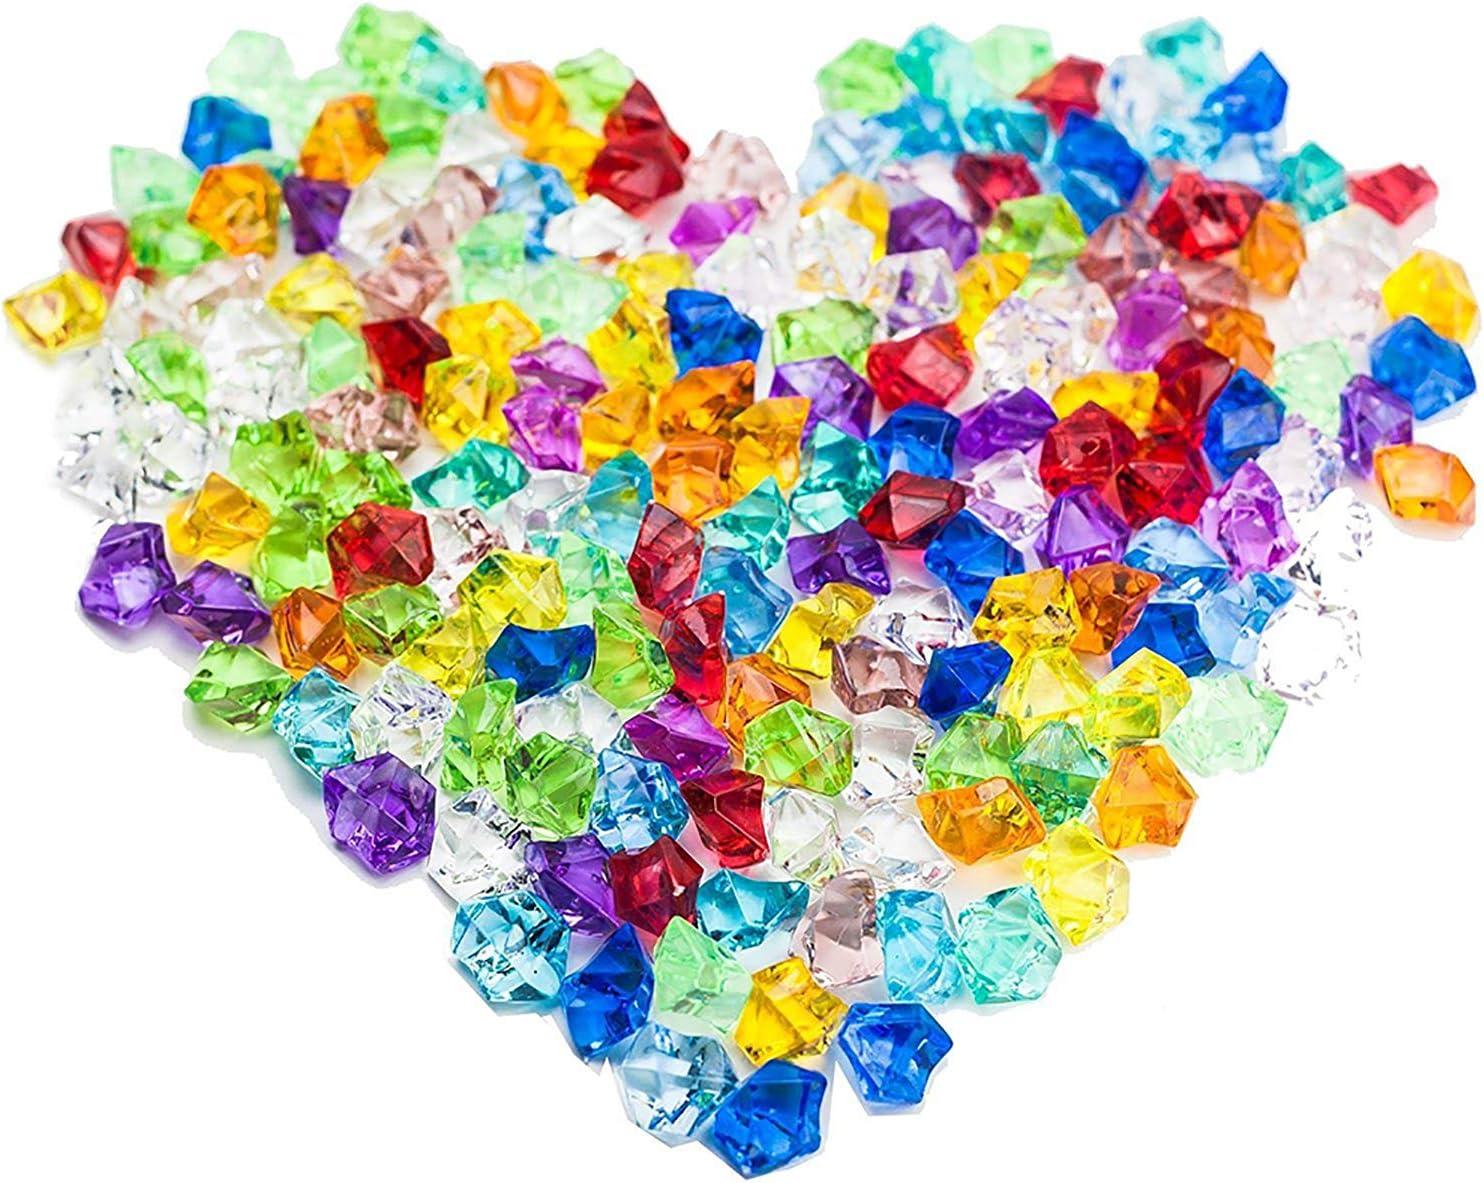 250Pcs Gemas acrílicas de colores en forma de diamante,Gemas De Plastico Piedras De Colores Niños Joyas Acrílico Ideal para Juguetes para Niños,Vistas A La Piscina,jarrones,bodas,decoración de mesa